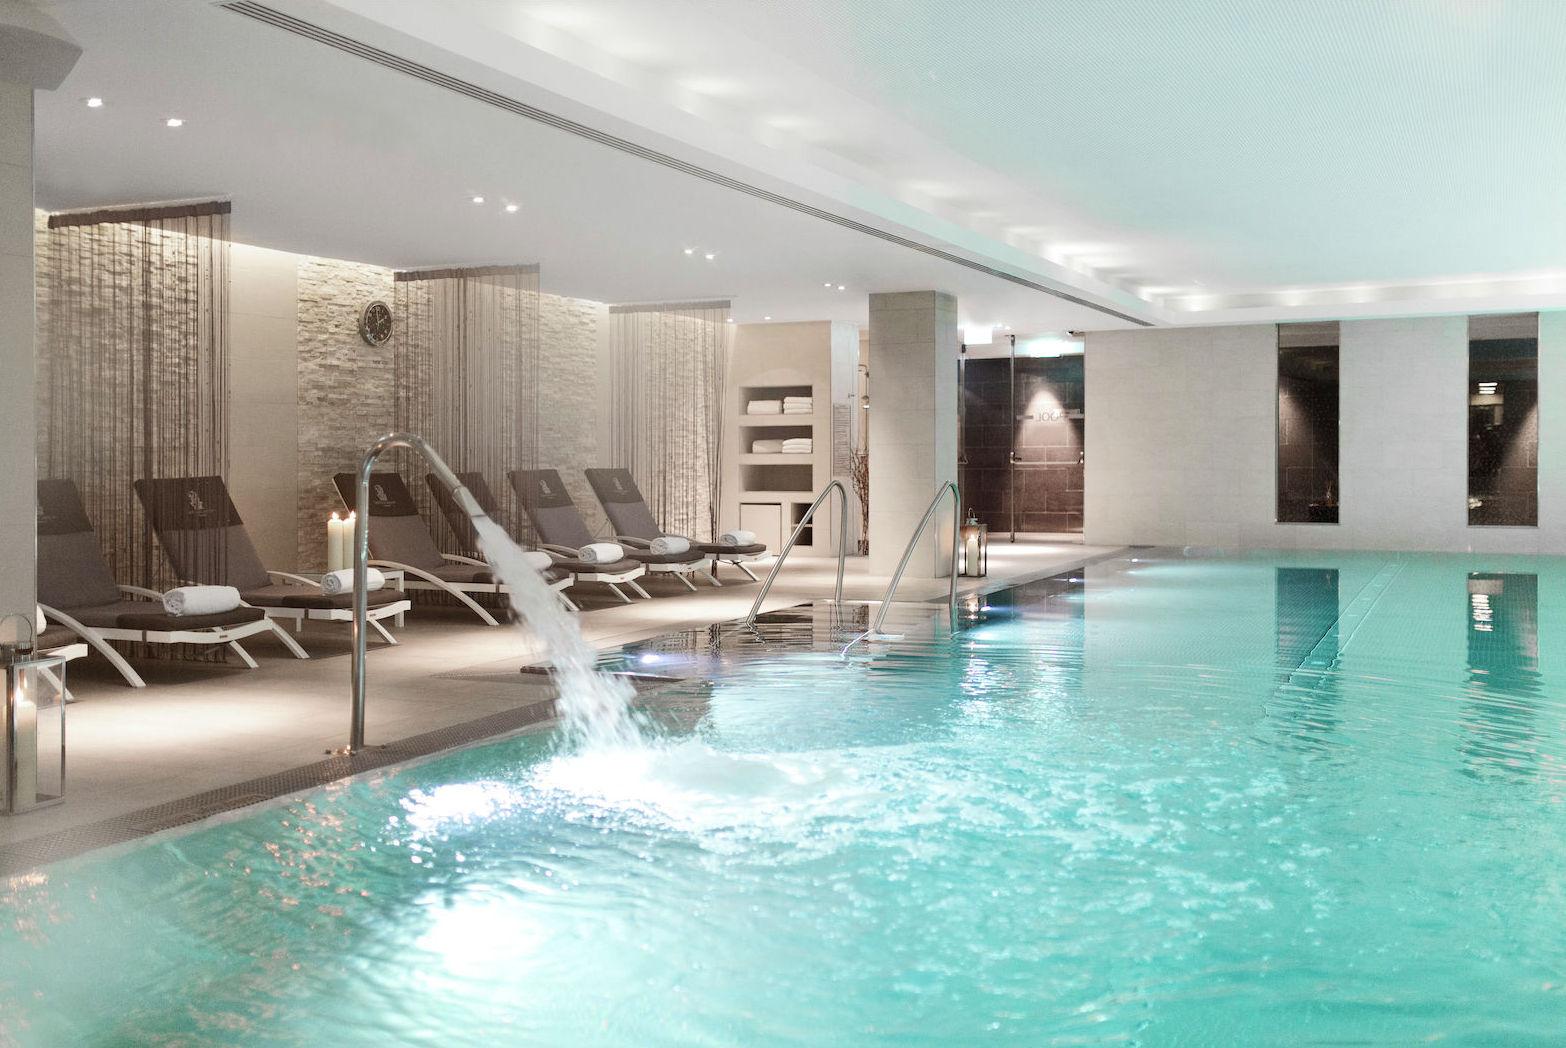 The Ritz-Carlton Spa - место для релаксации и восстановления жизненных сил